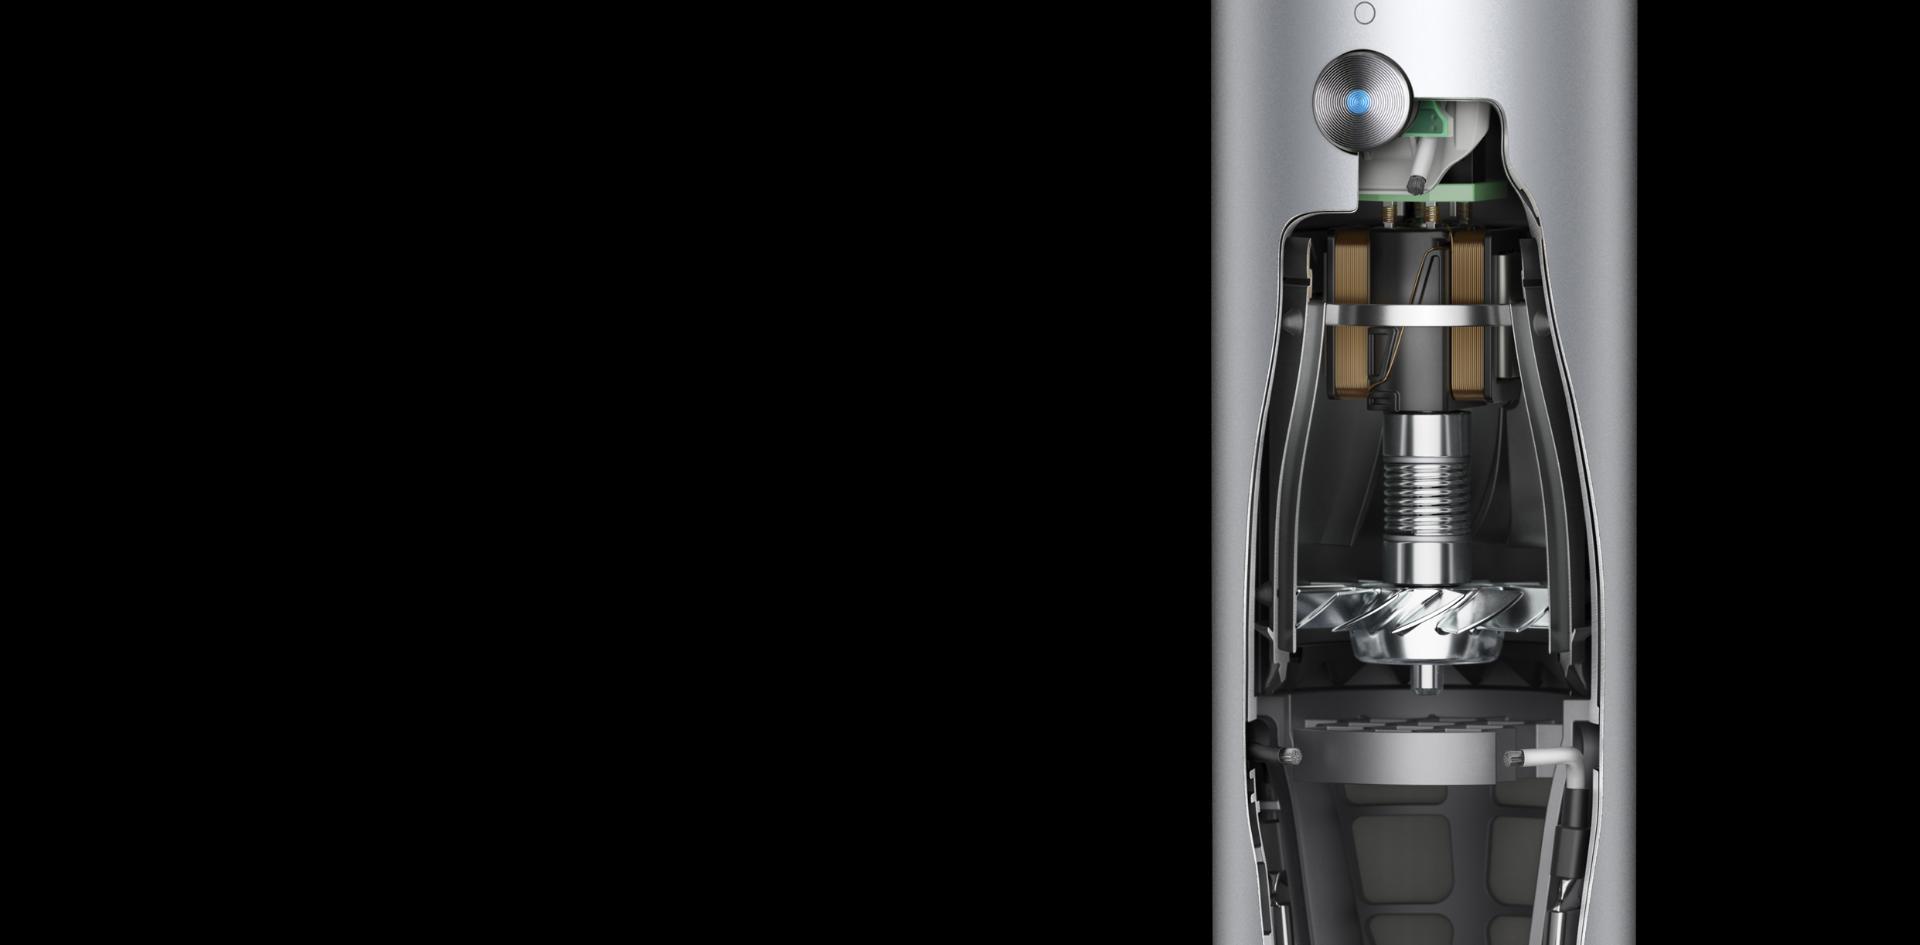 다이슨 디지털 모터 V9의 단면도